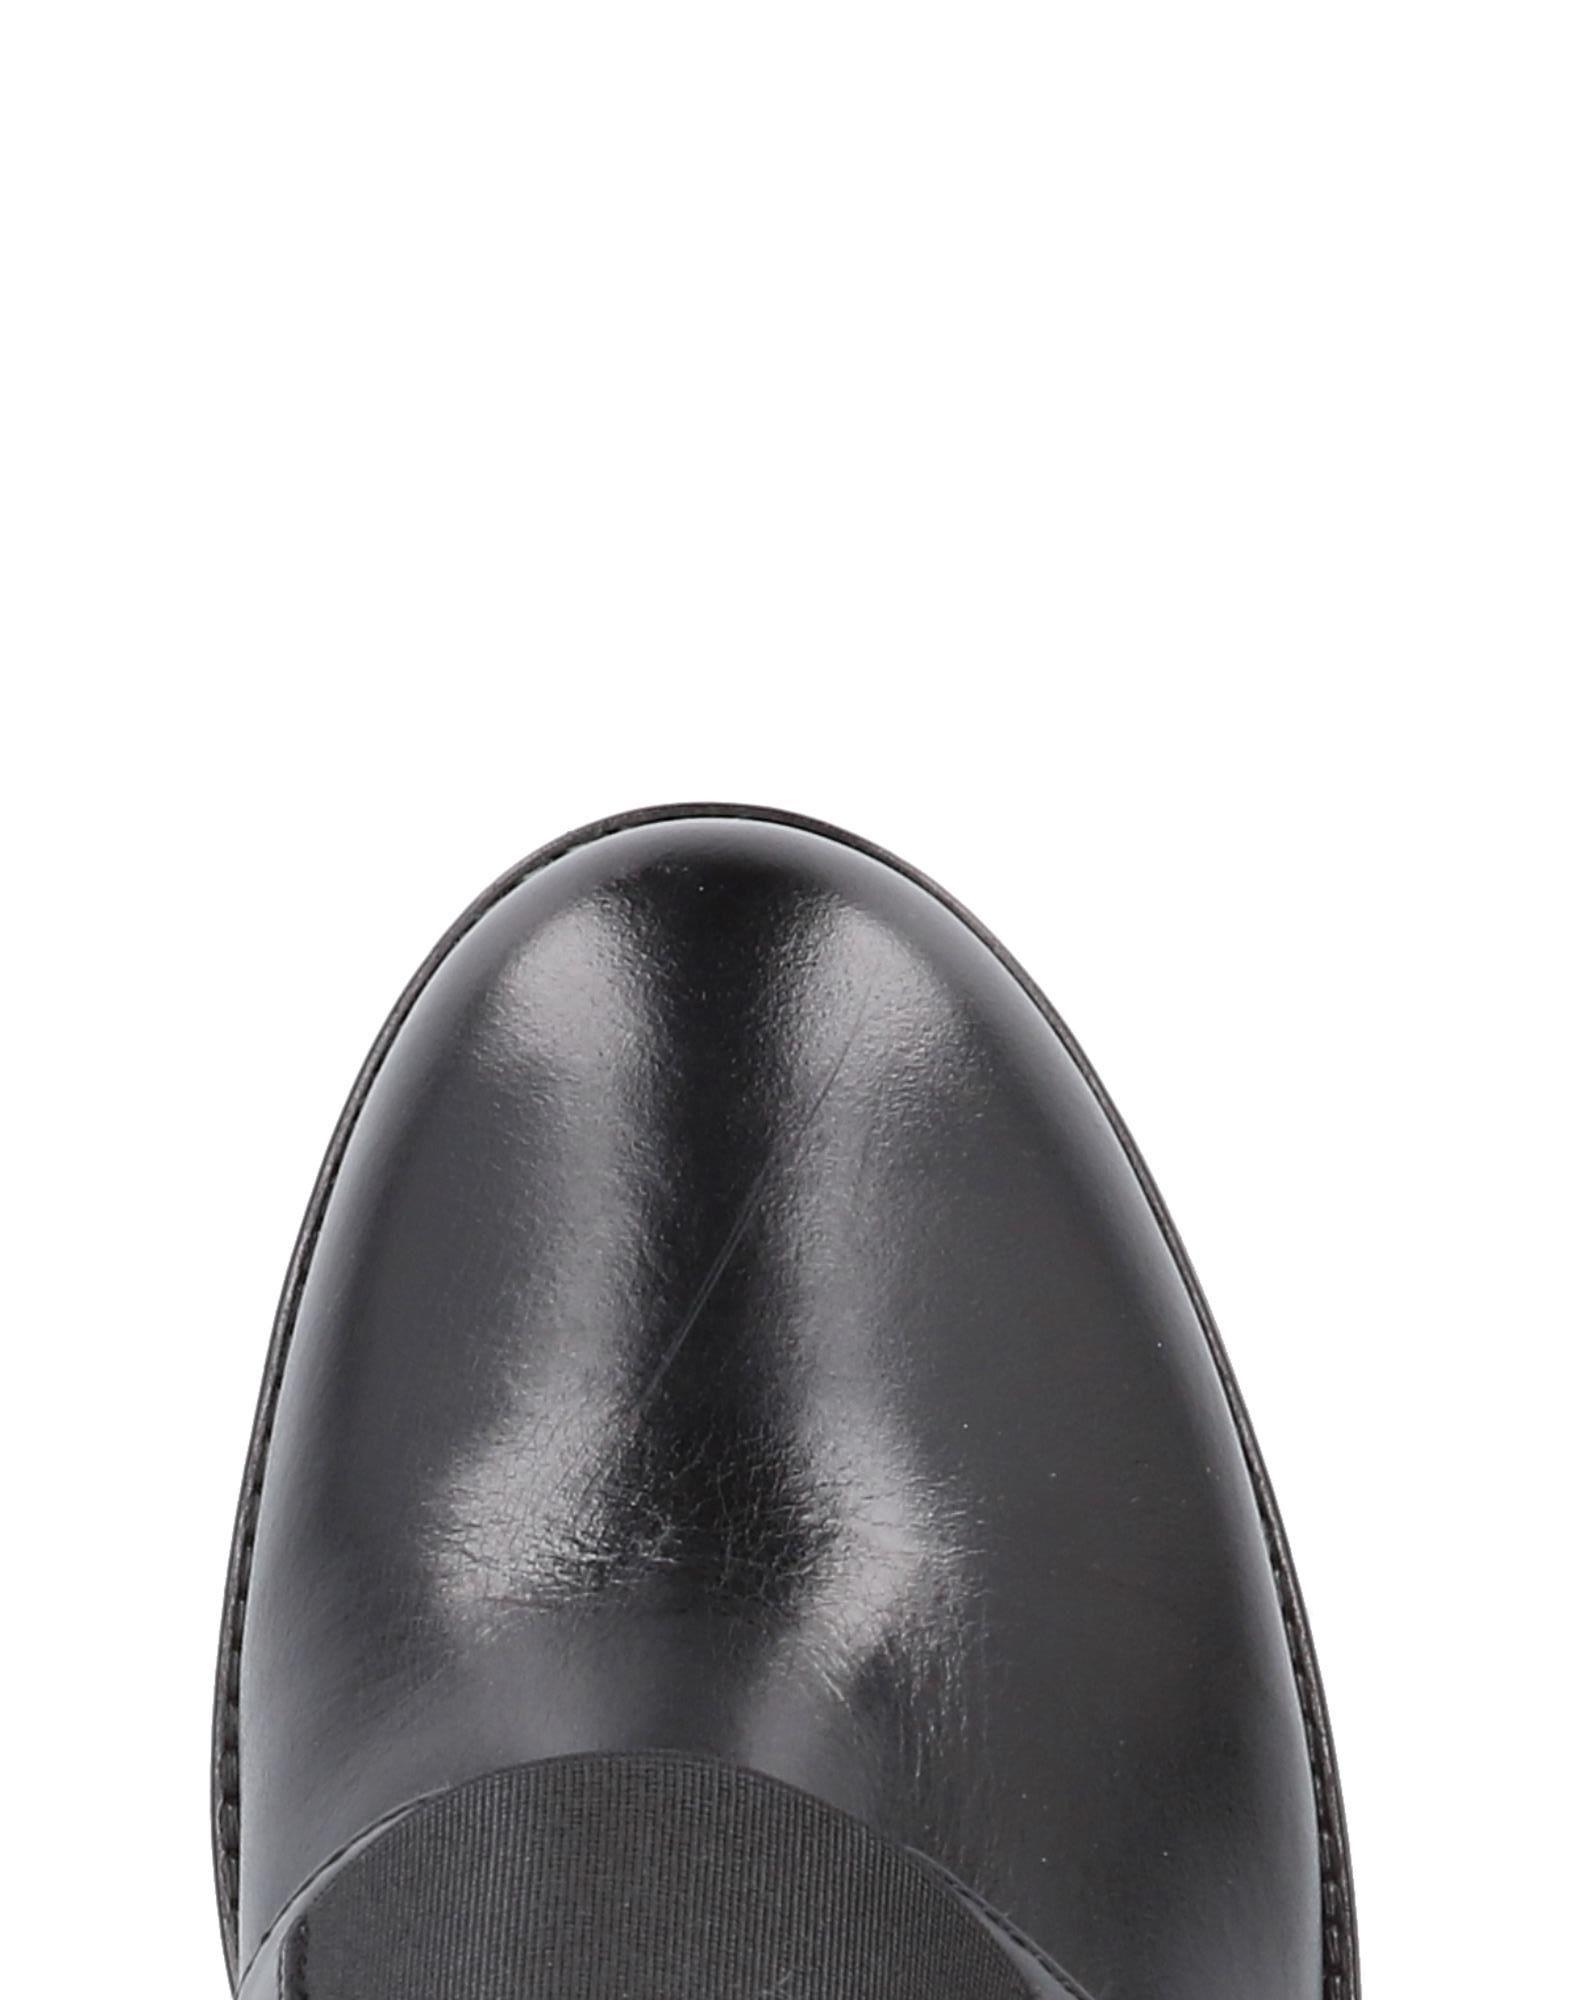 Janet Sport Mokassins Damen  11467237EM Gute Gute 11467237EM Qualität beliebte Schuhe 959be3